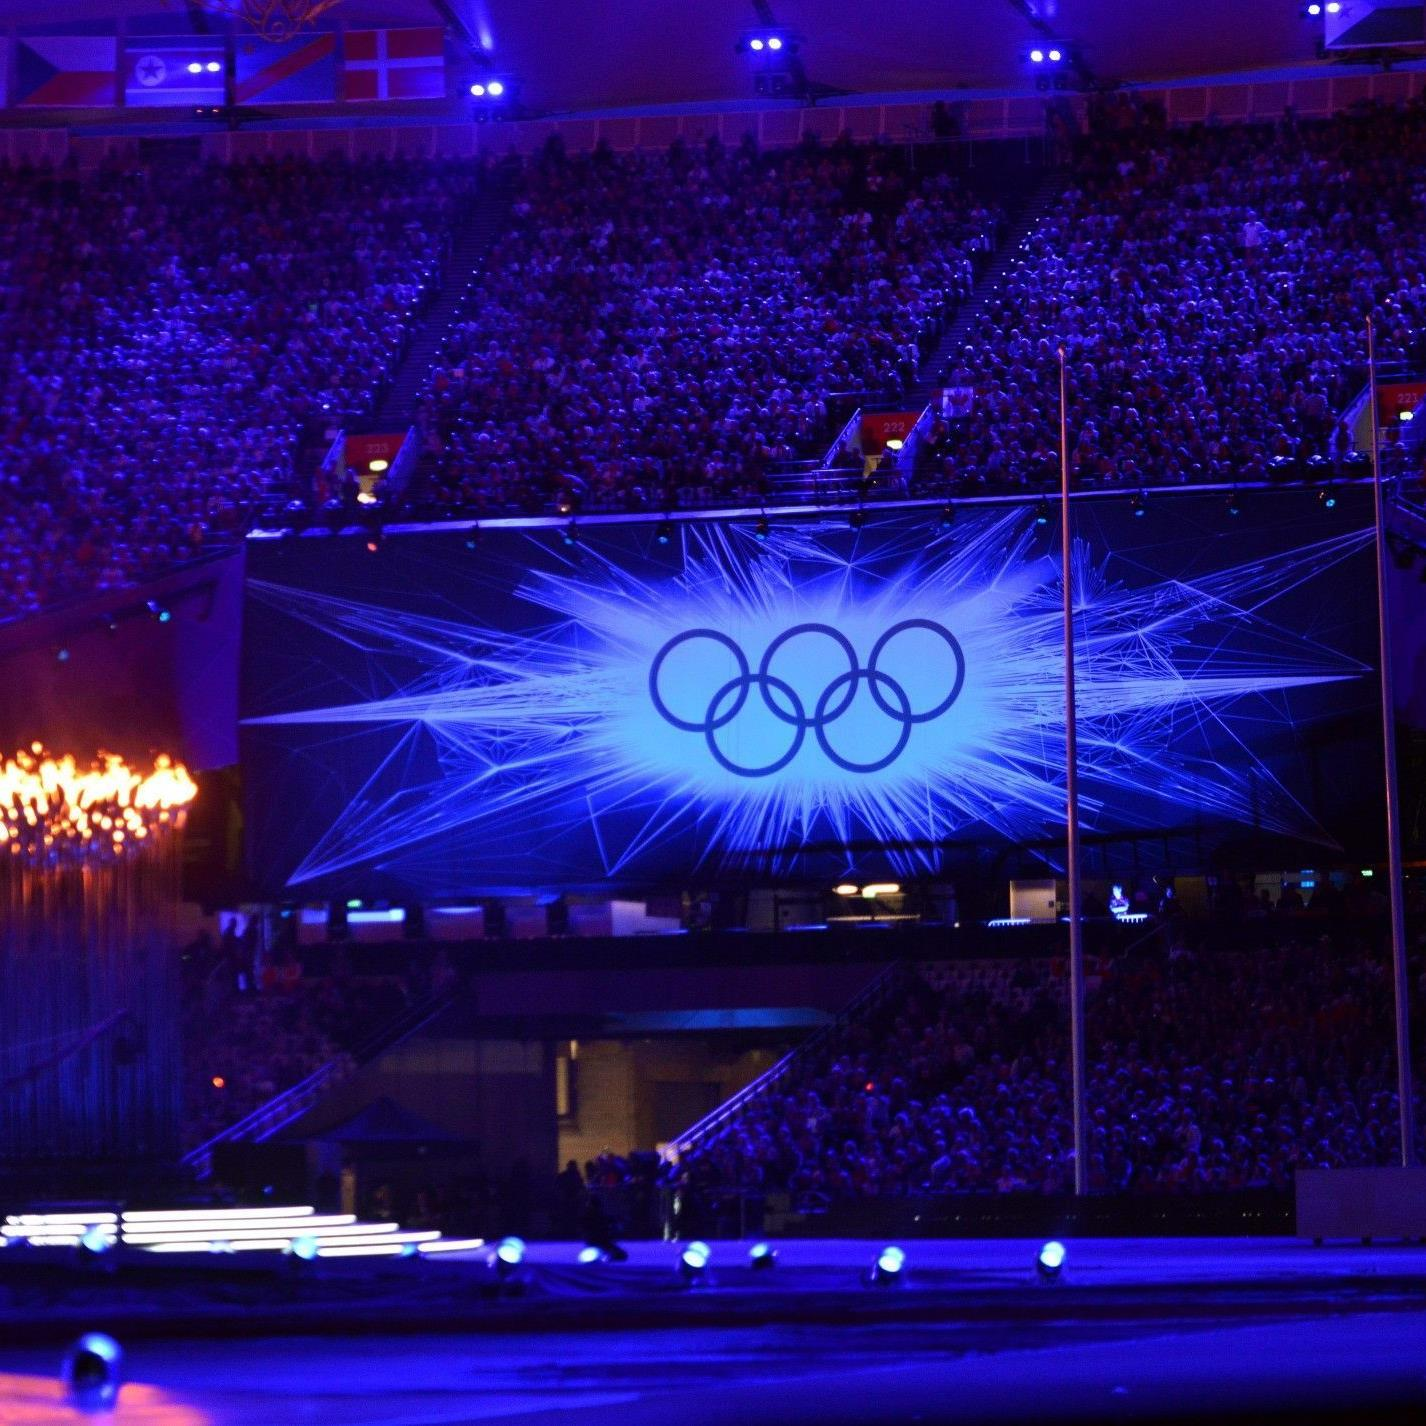 Die olympischen Ringe während der Olympiade in London 2012.